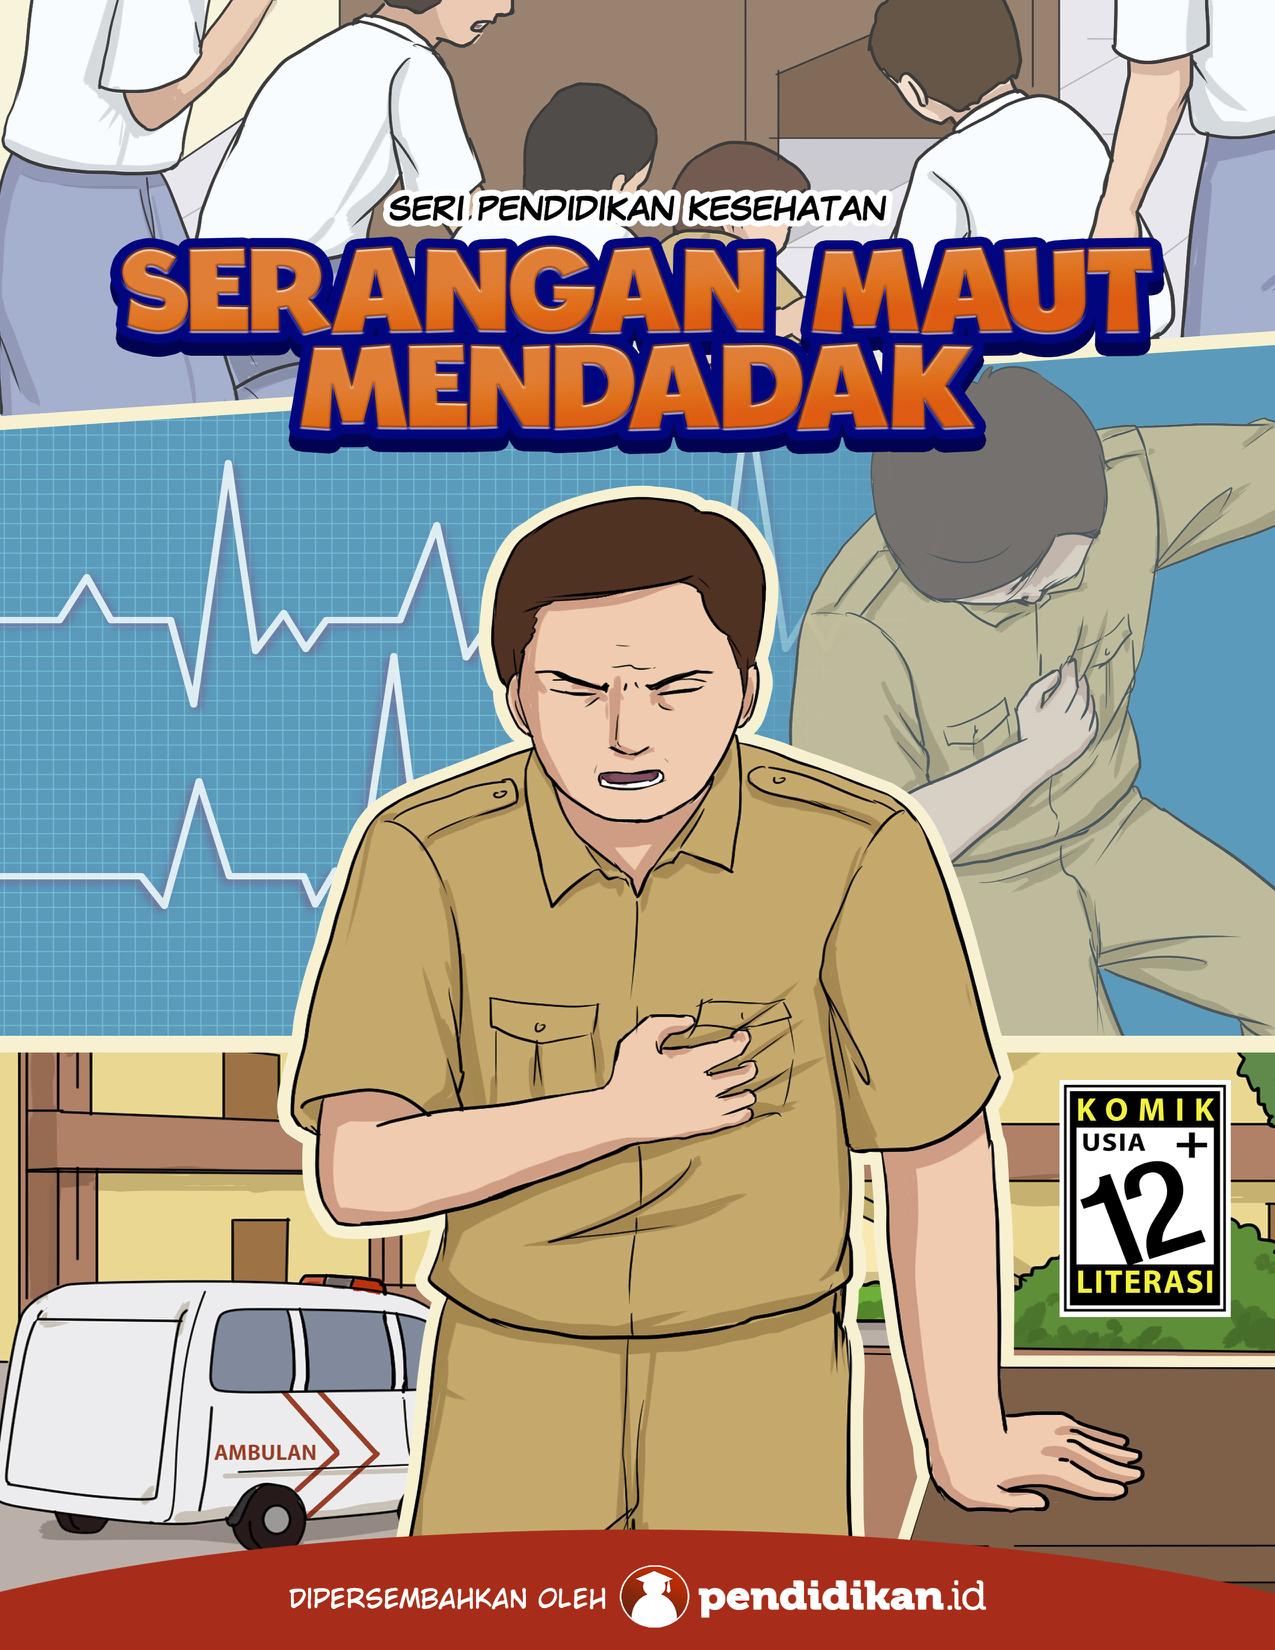 Sampul komik Serangan Maut Mendadak   Foto: pendidikan.id